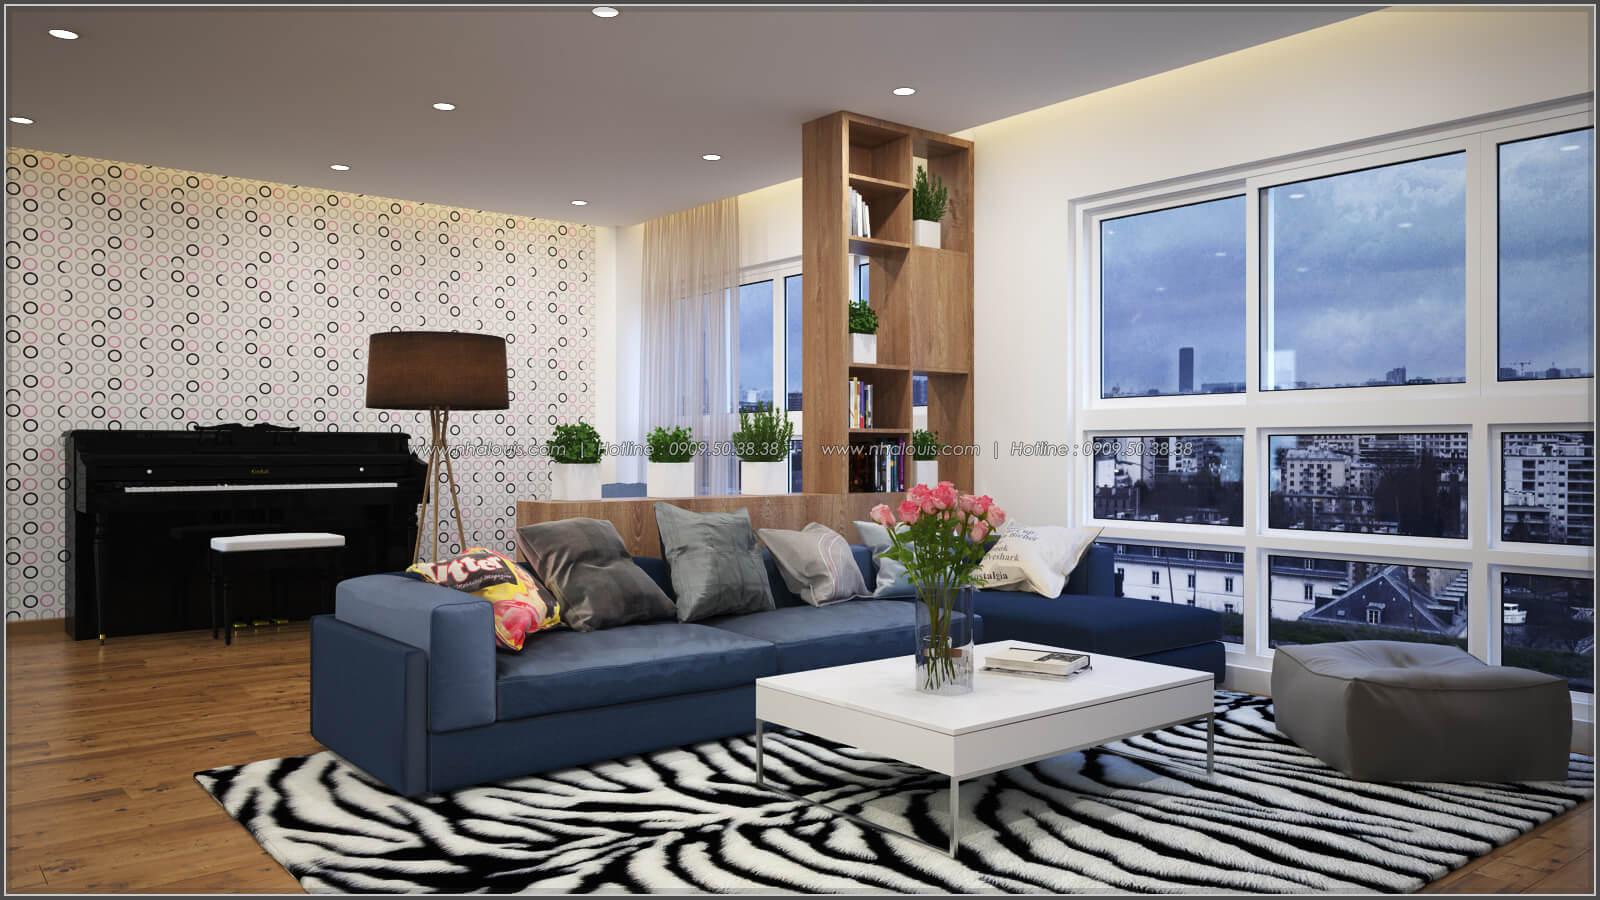 Thiết kế căn hộ chung cư 3 phòng ngủ Happy Valley quận 7